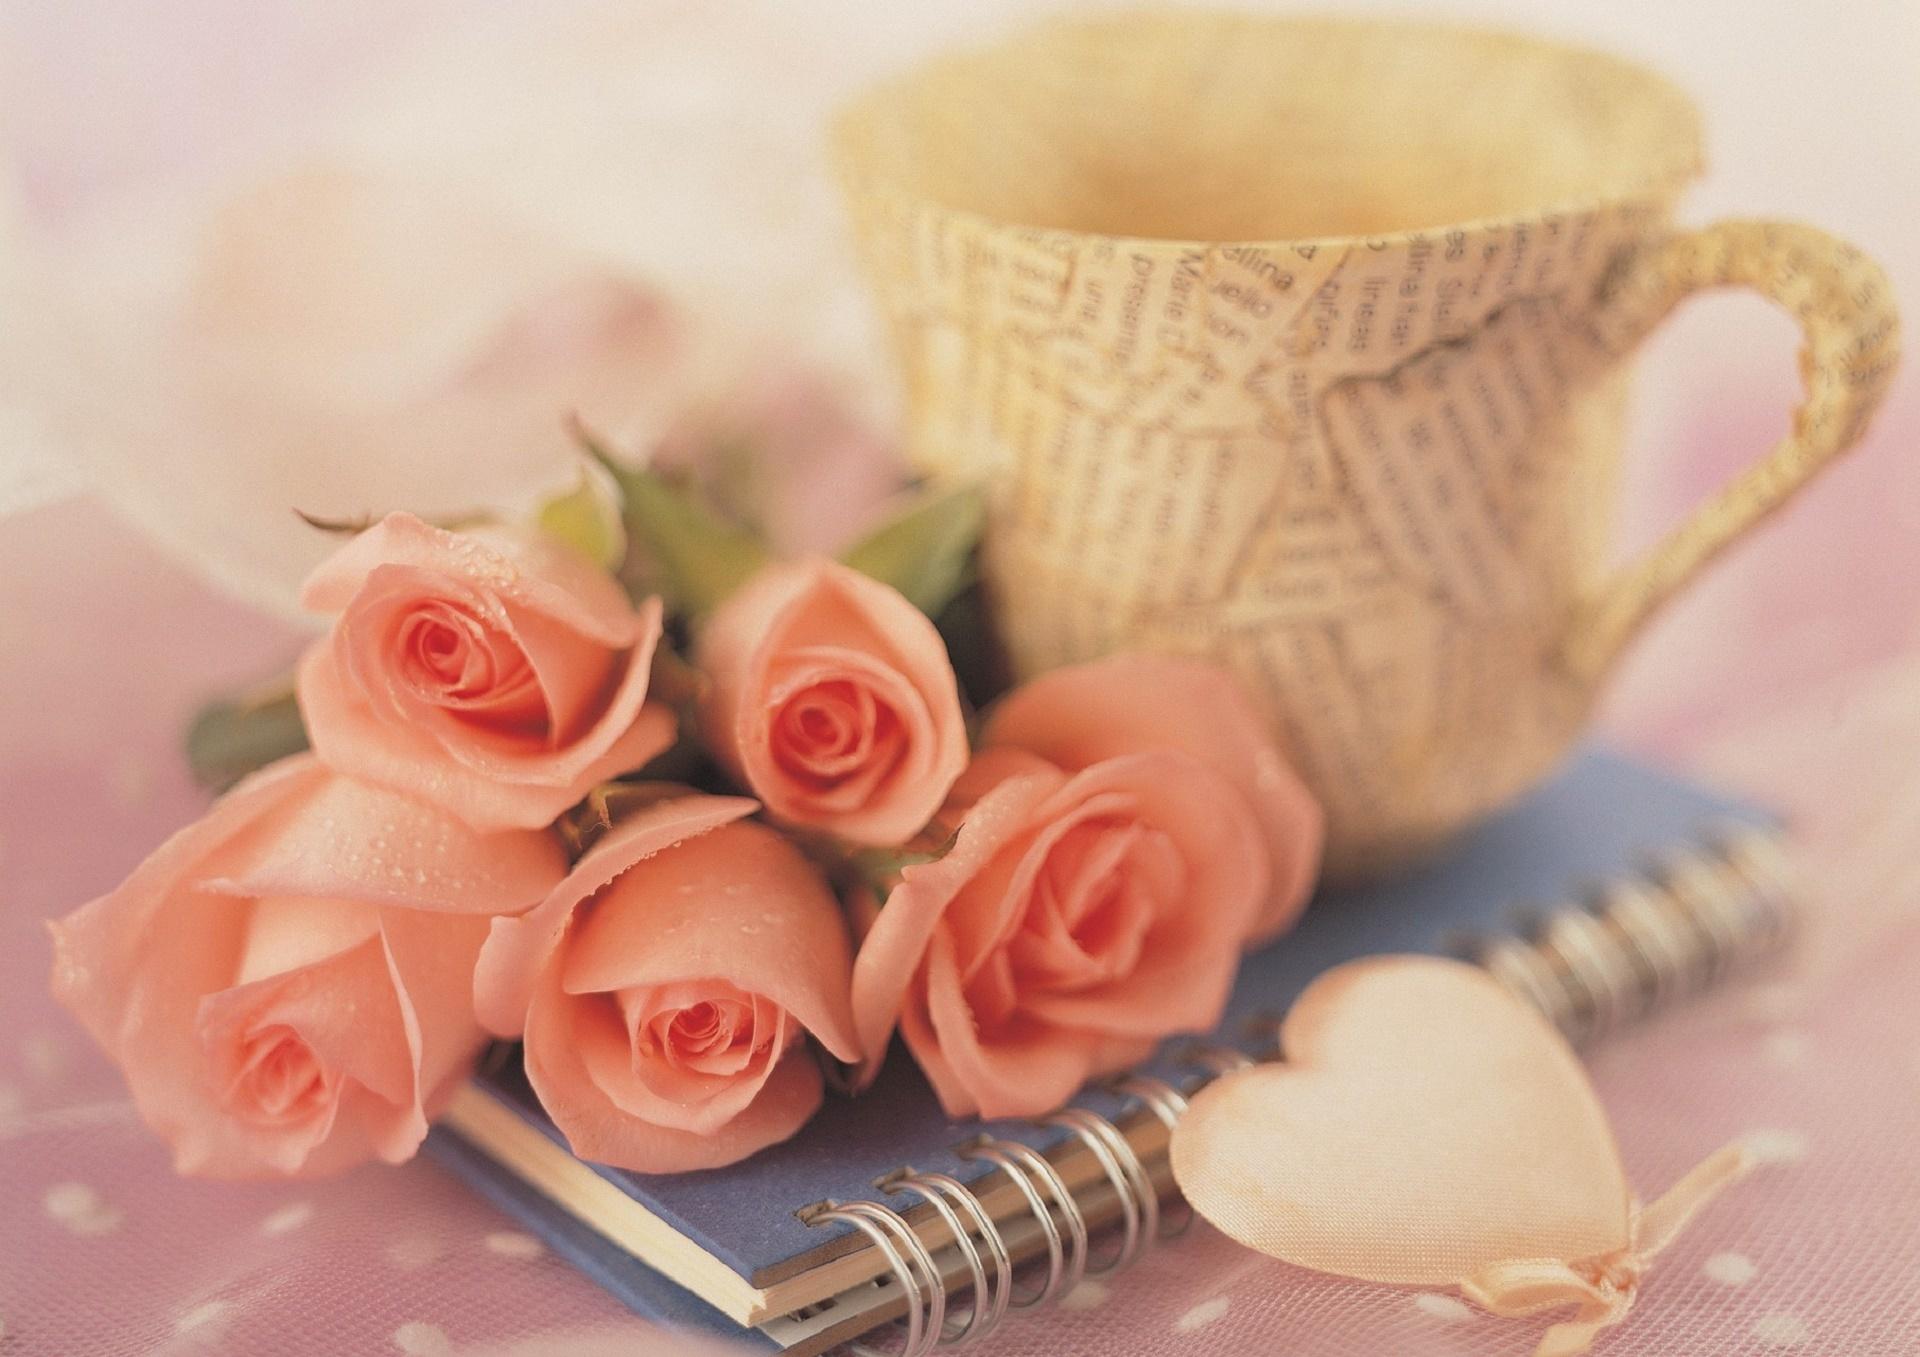 Открытки с романтическими пожеланиями